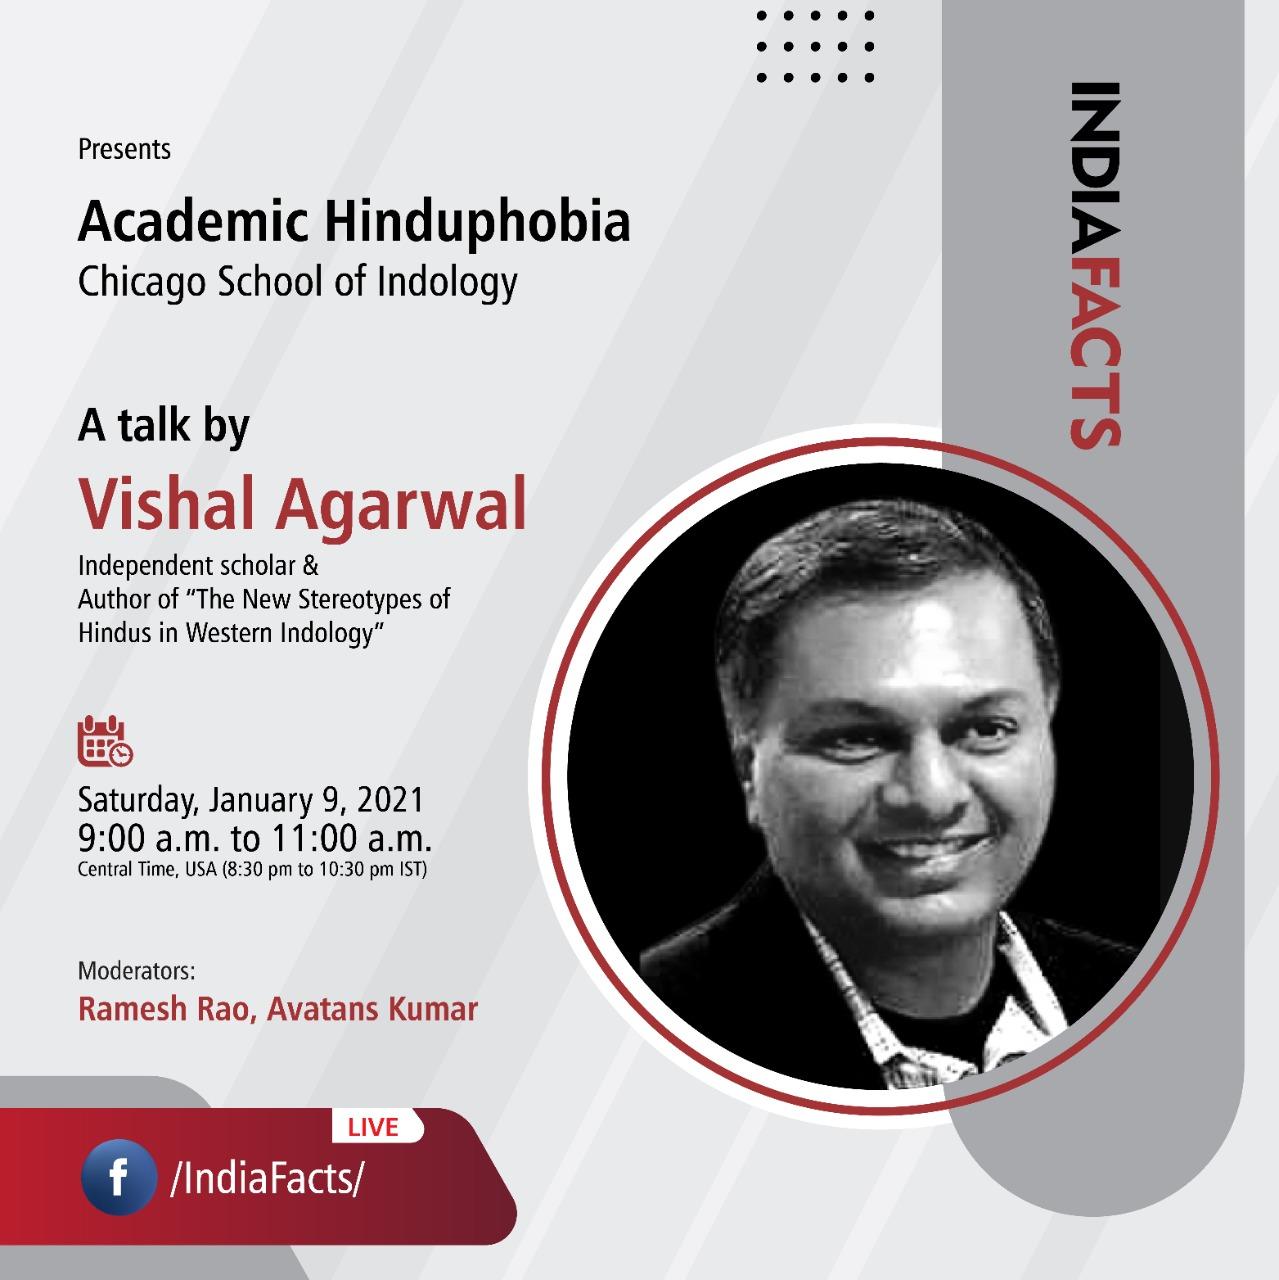 Academic Hinduphobia